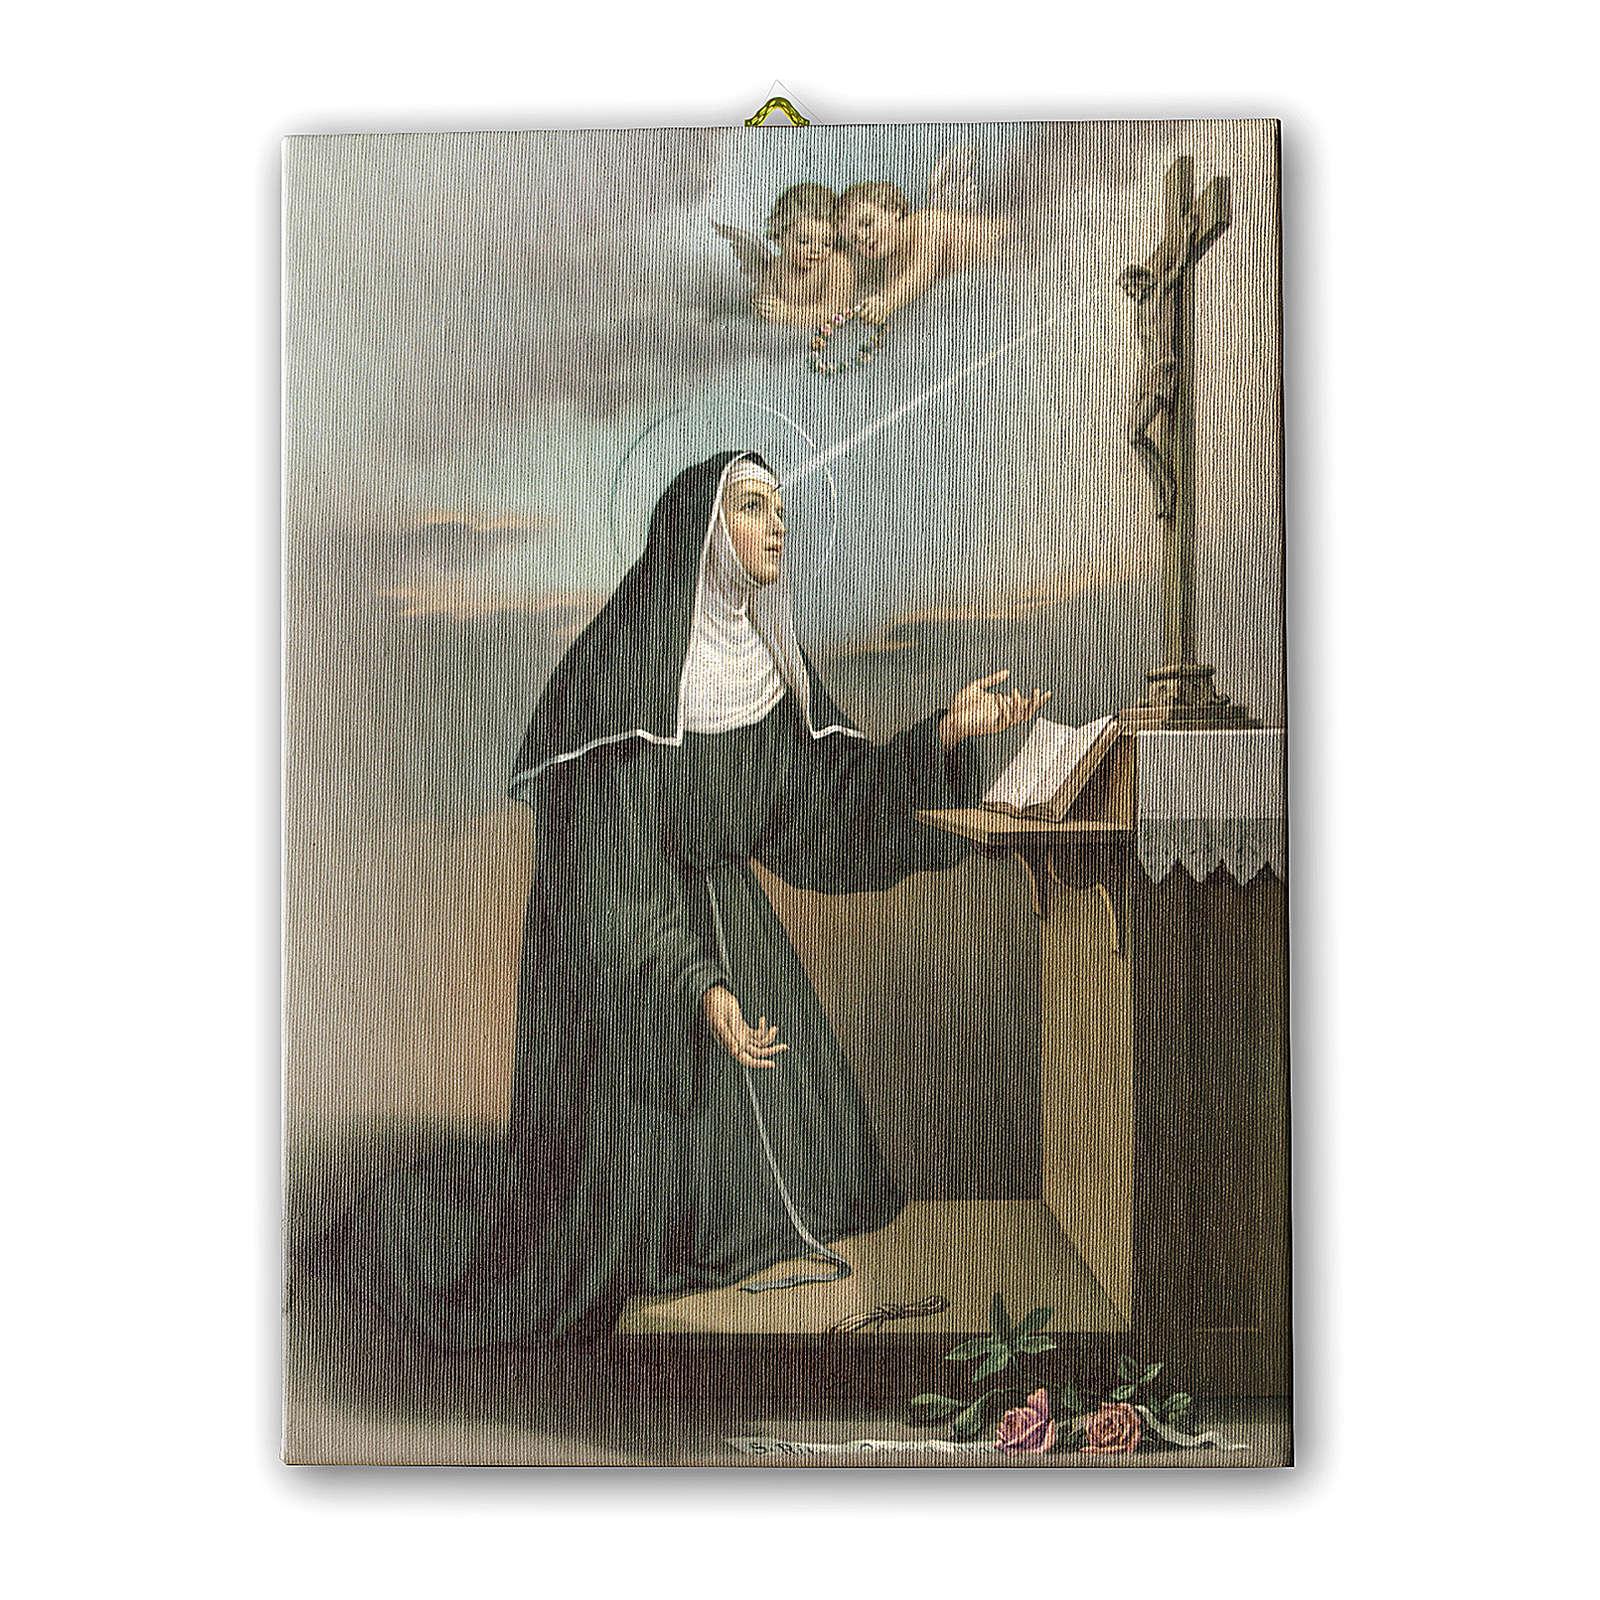 Bild auf Leinwand, Heilige Rita von Cascia, 40x30 cm 3